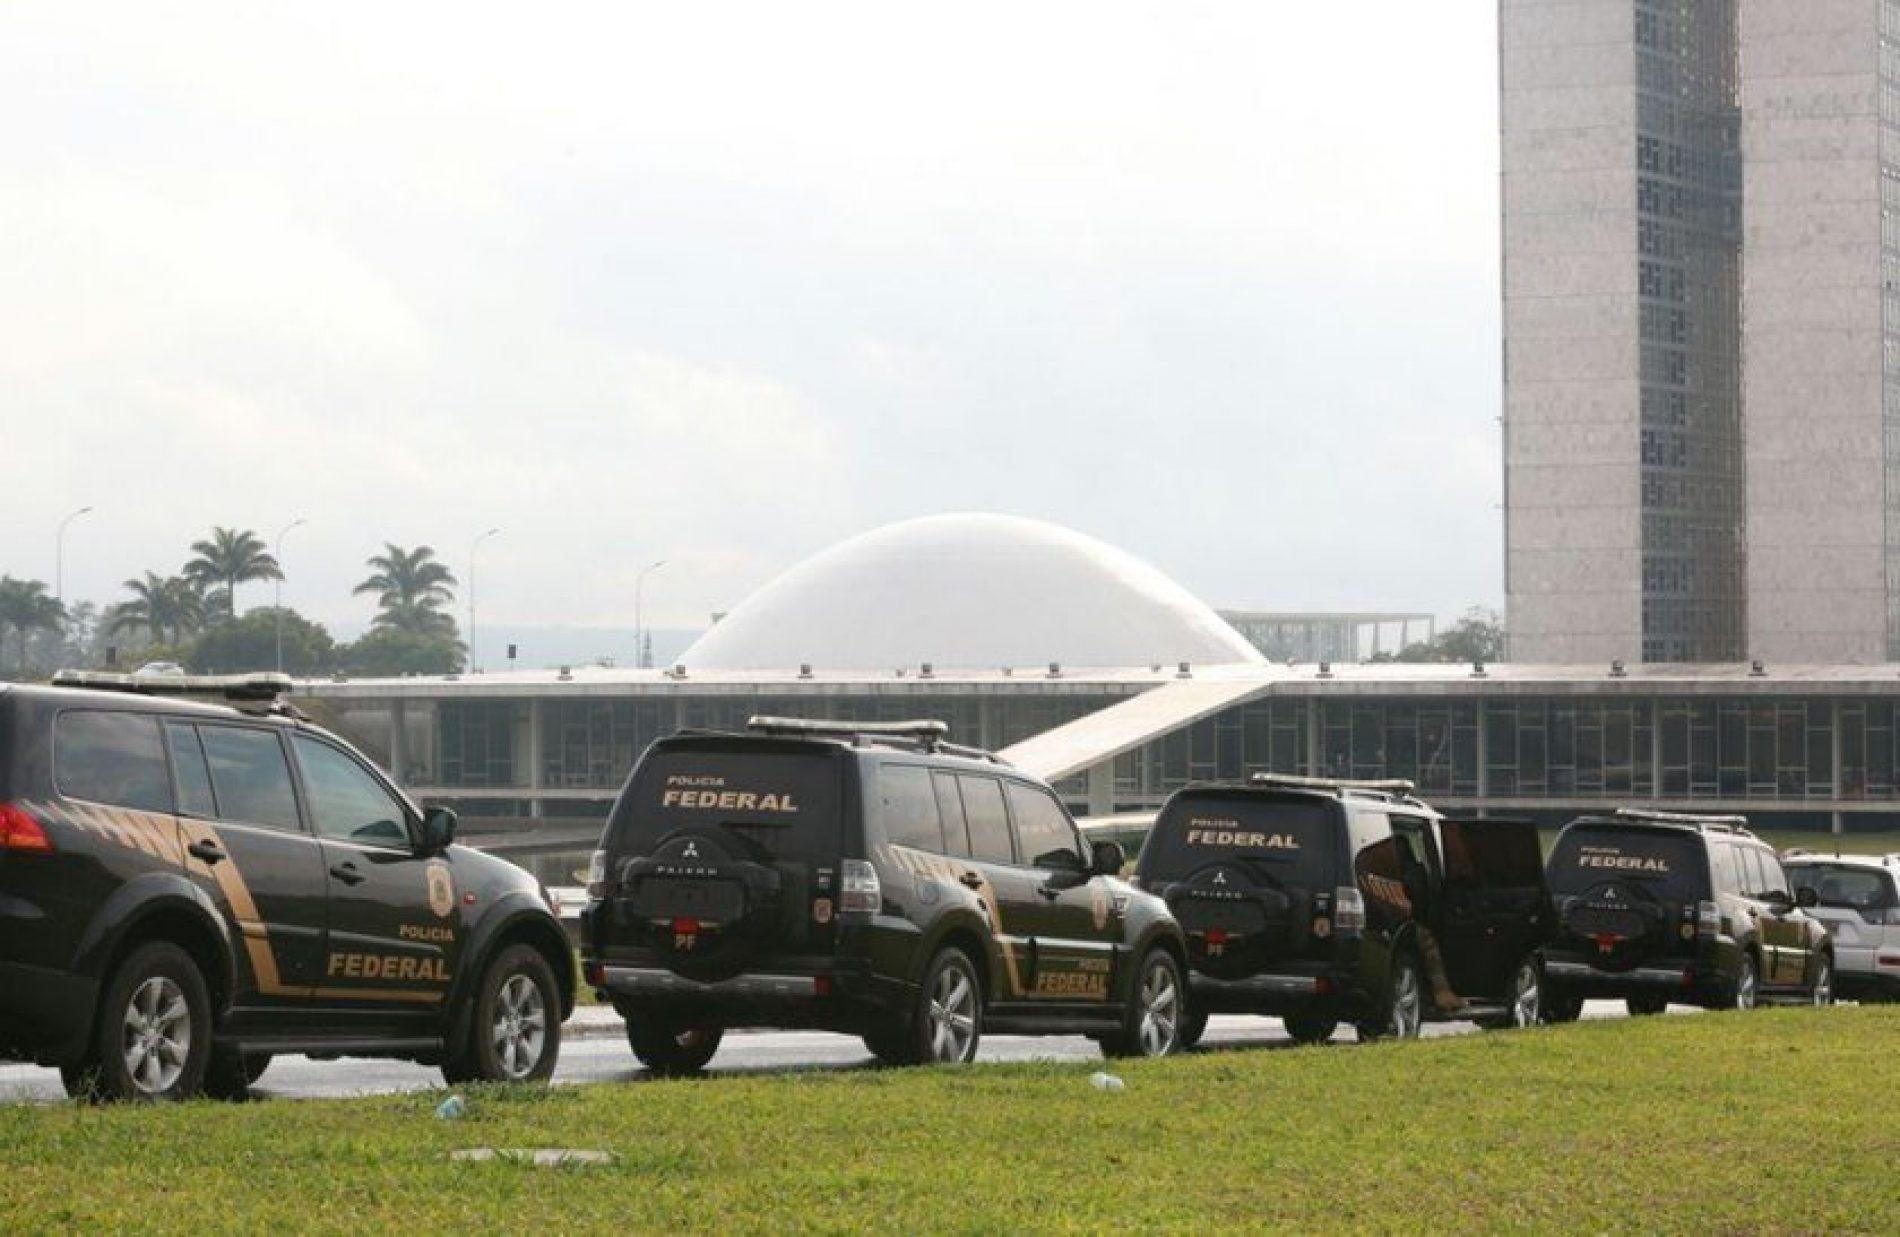 Polícia Federal faz buscas na Câmara dos Deputados: cumprem mandado de busca e apreensão no gabinete do deputado Lúcio Vieira Lima